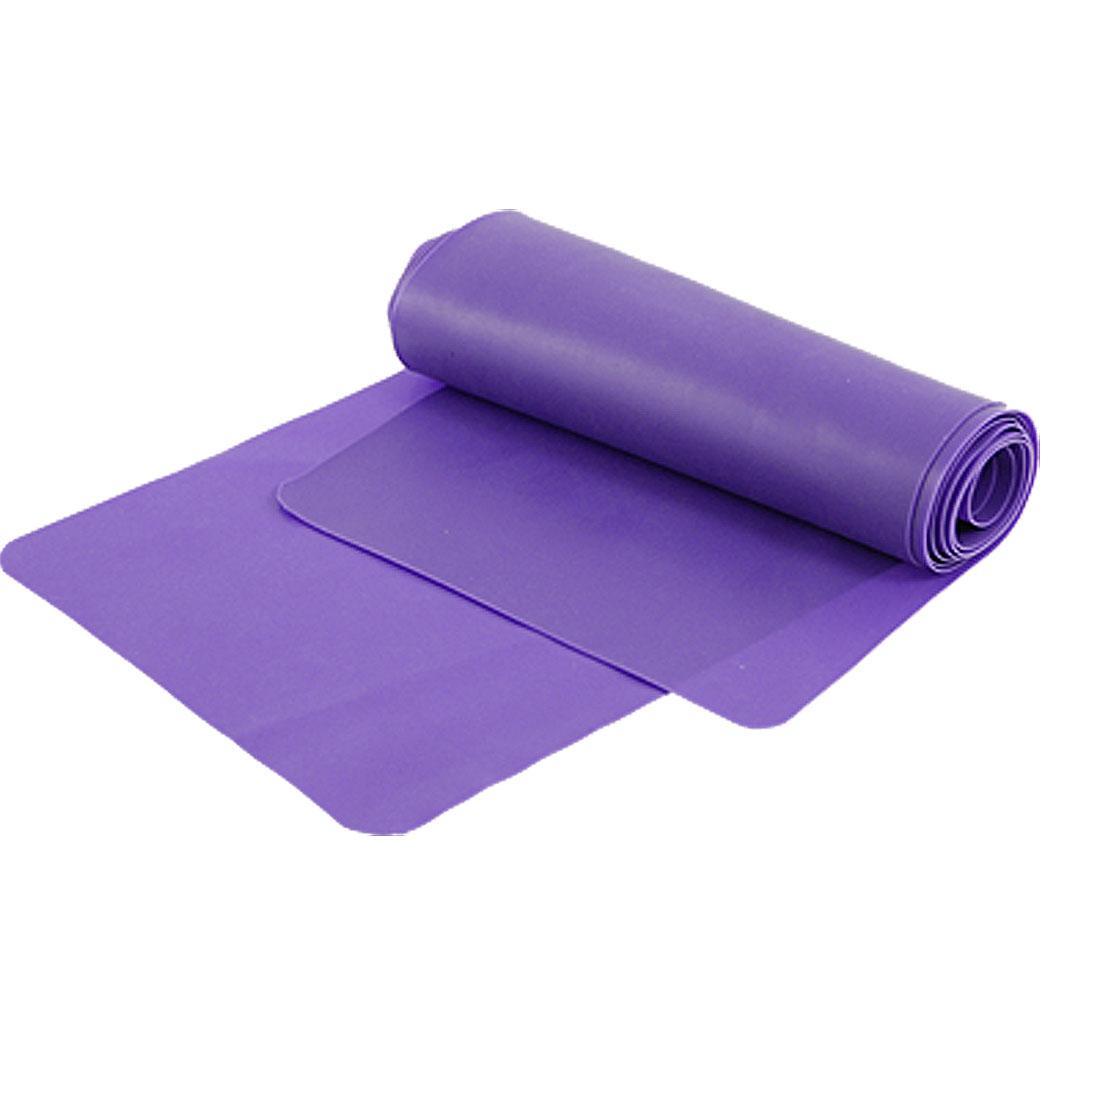 Lady 1.5M Stretchy Body Shape Bandage Slimming Belt Purple